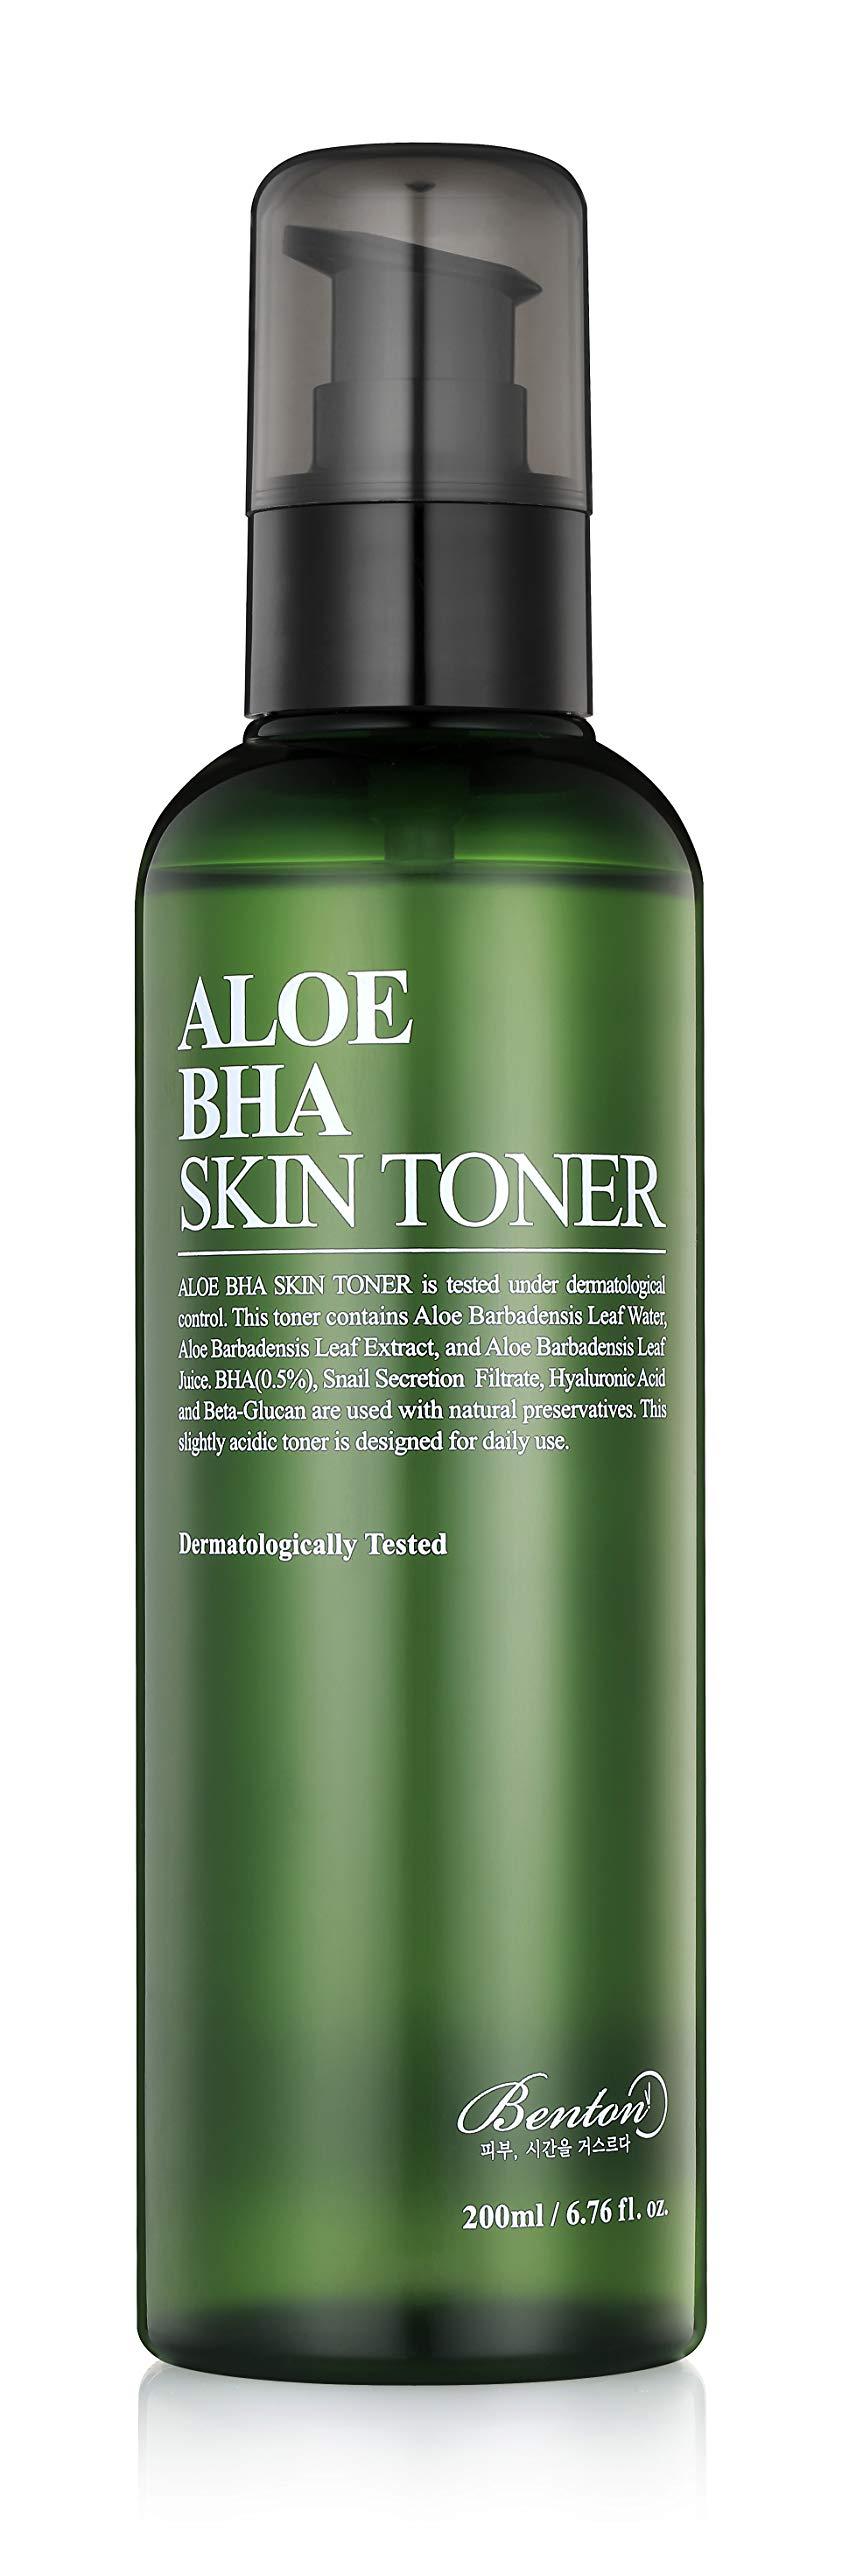 Benton Aloe Skin Toner Ounce